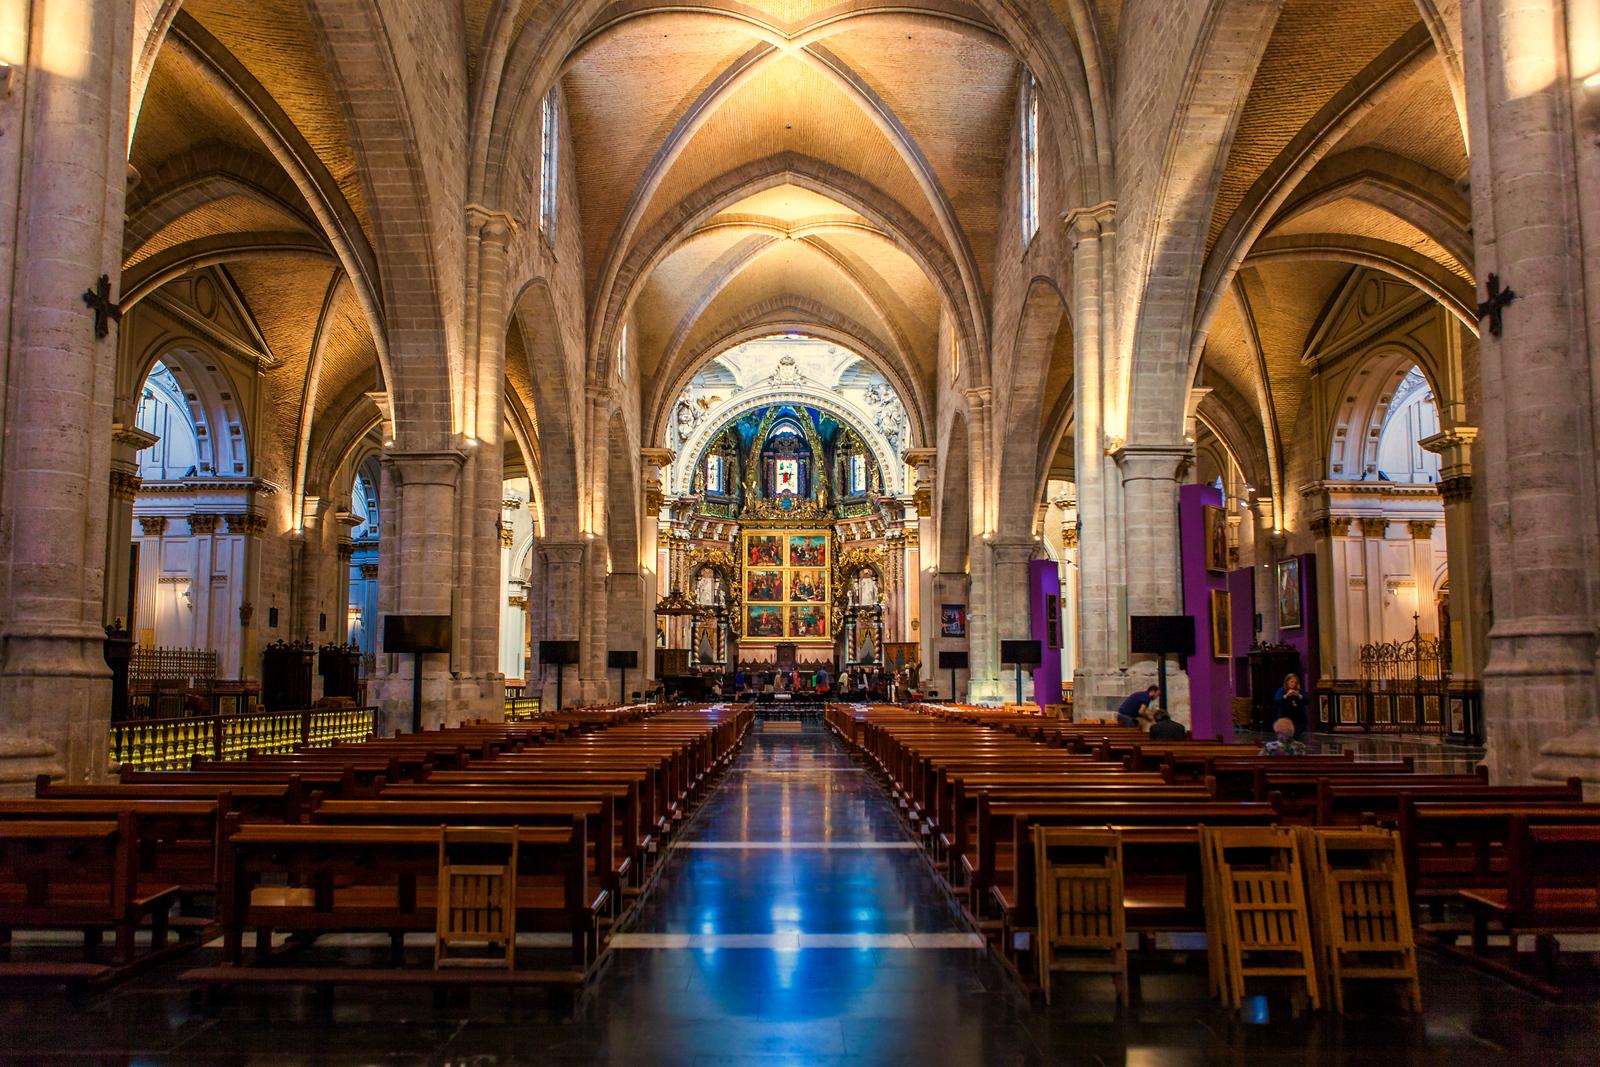 西班牙巴伦西亚主教堂,越看越喜欢